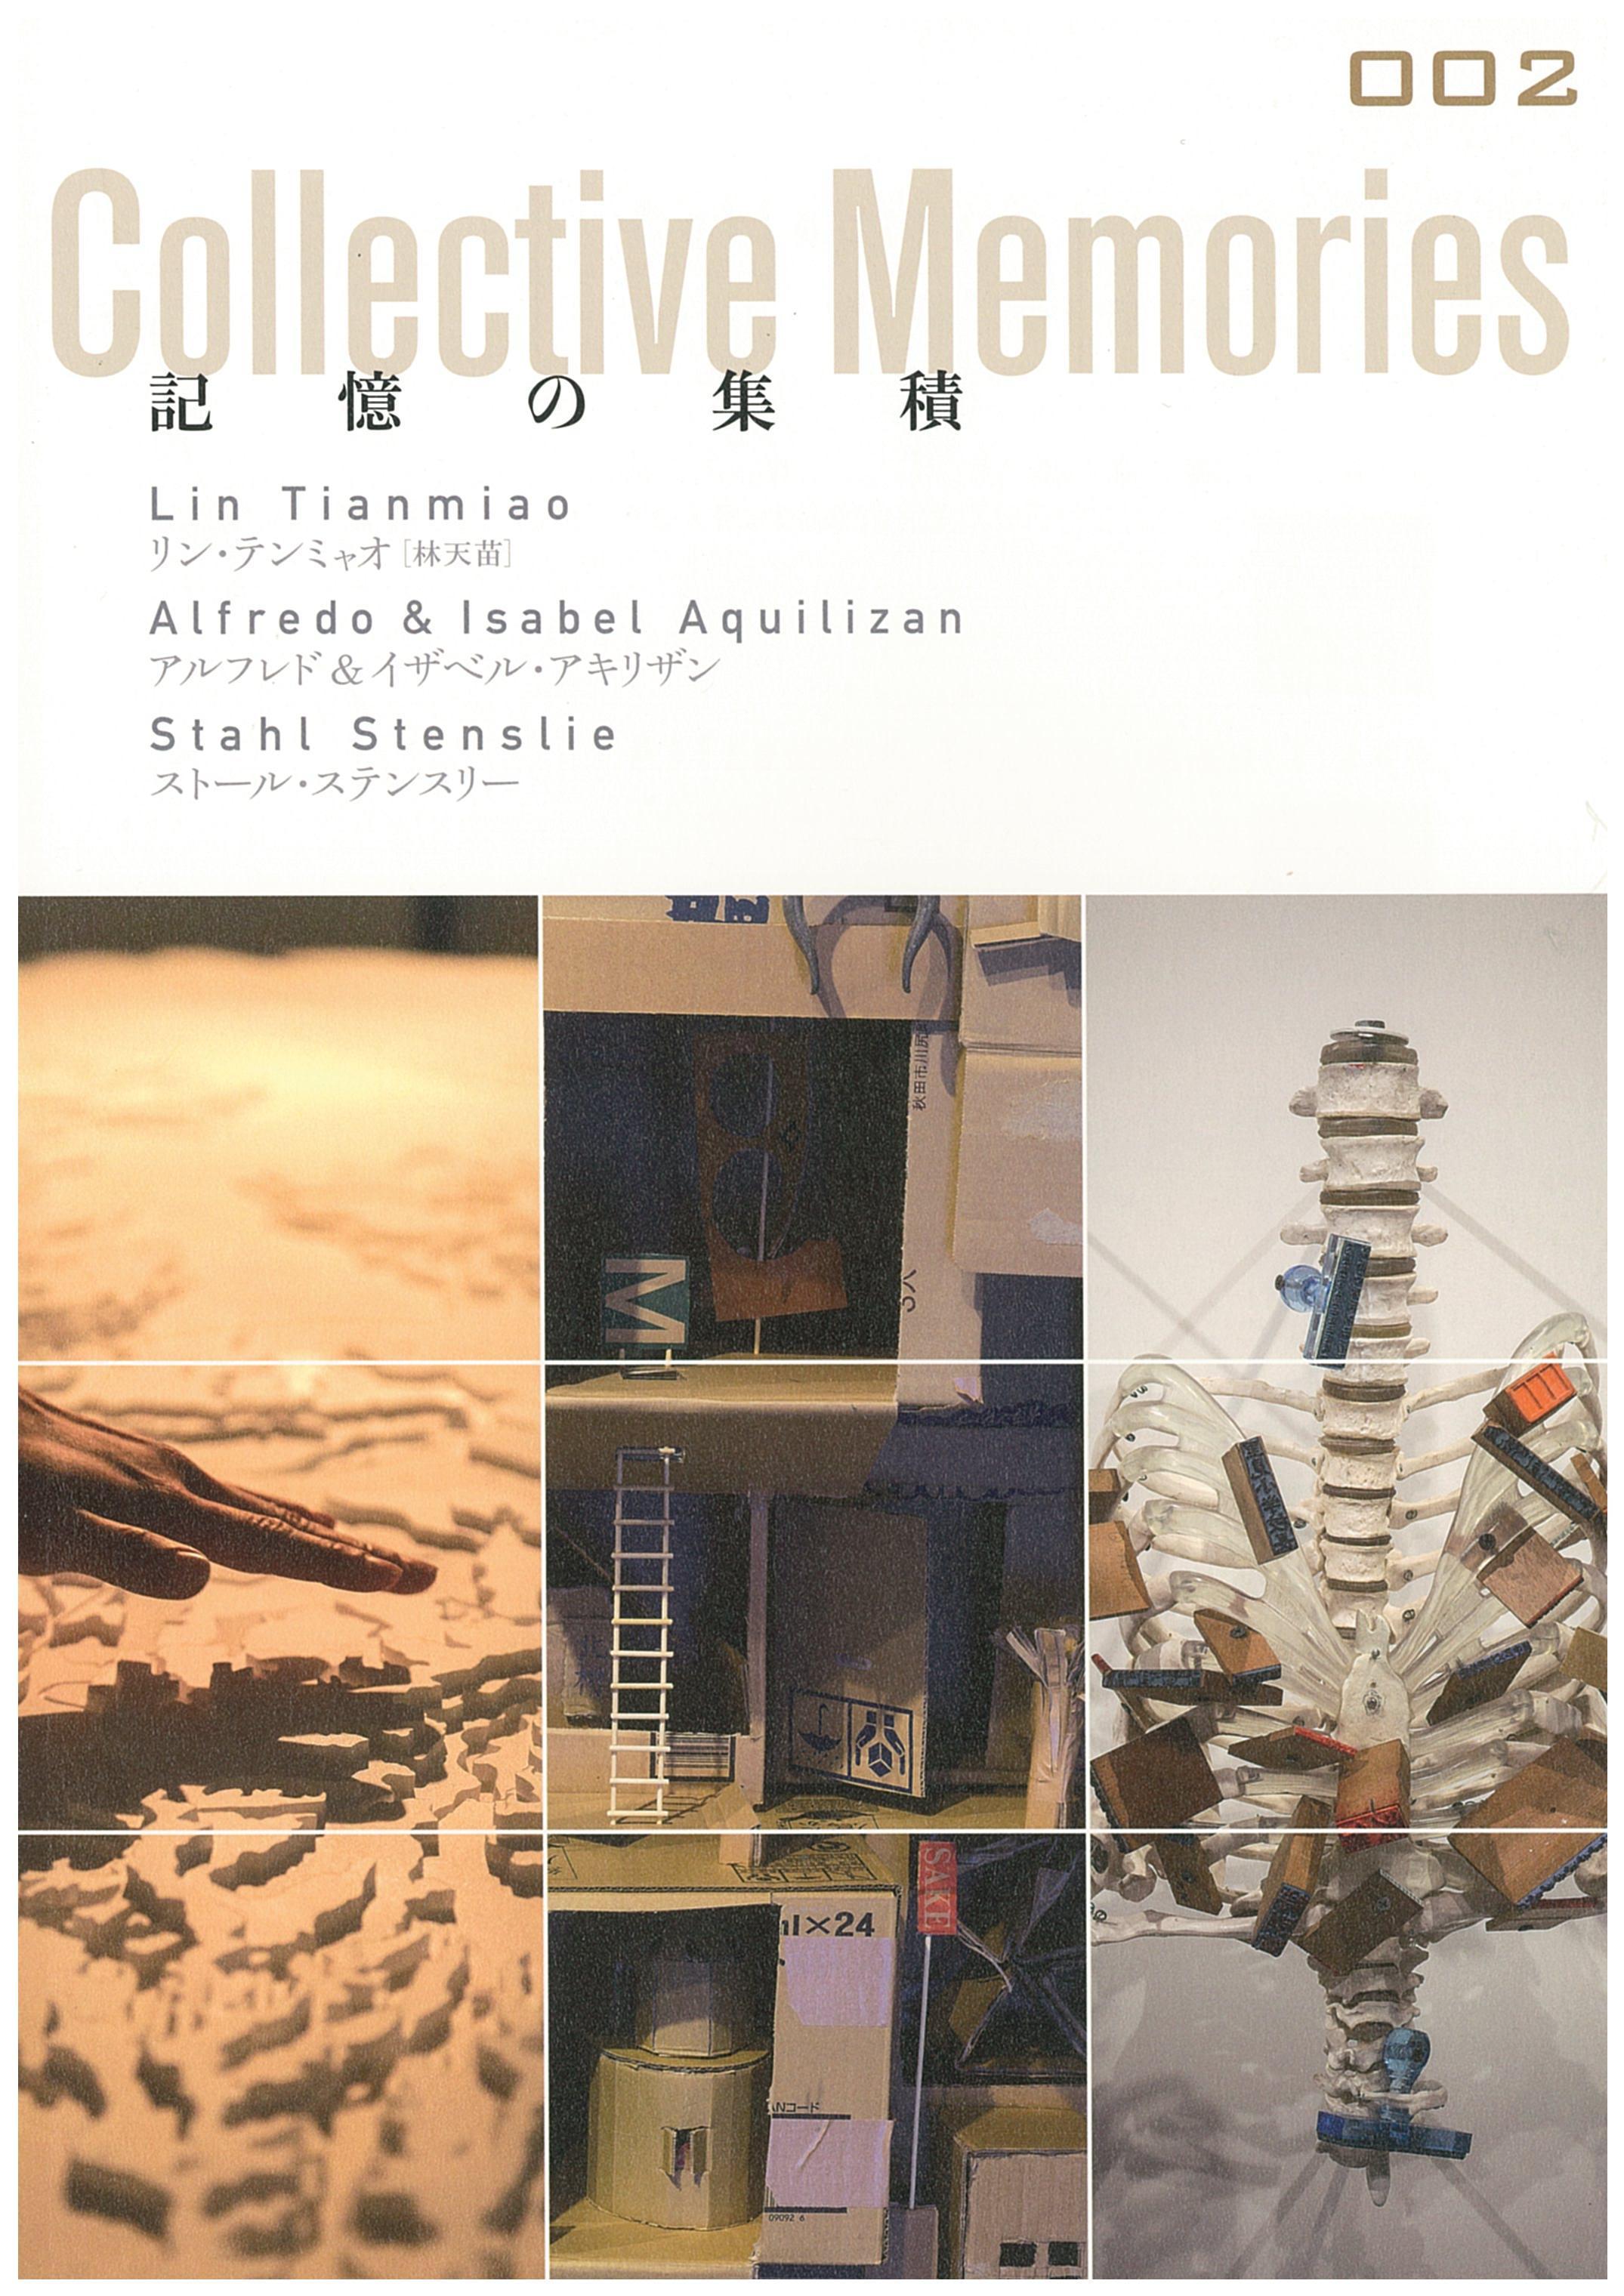 市原湖畔美術館 002  中房総国際芸術祭いちはらアートxミックス特別展「記憶の集積」展  カタログ